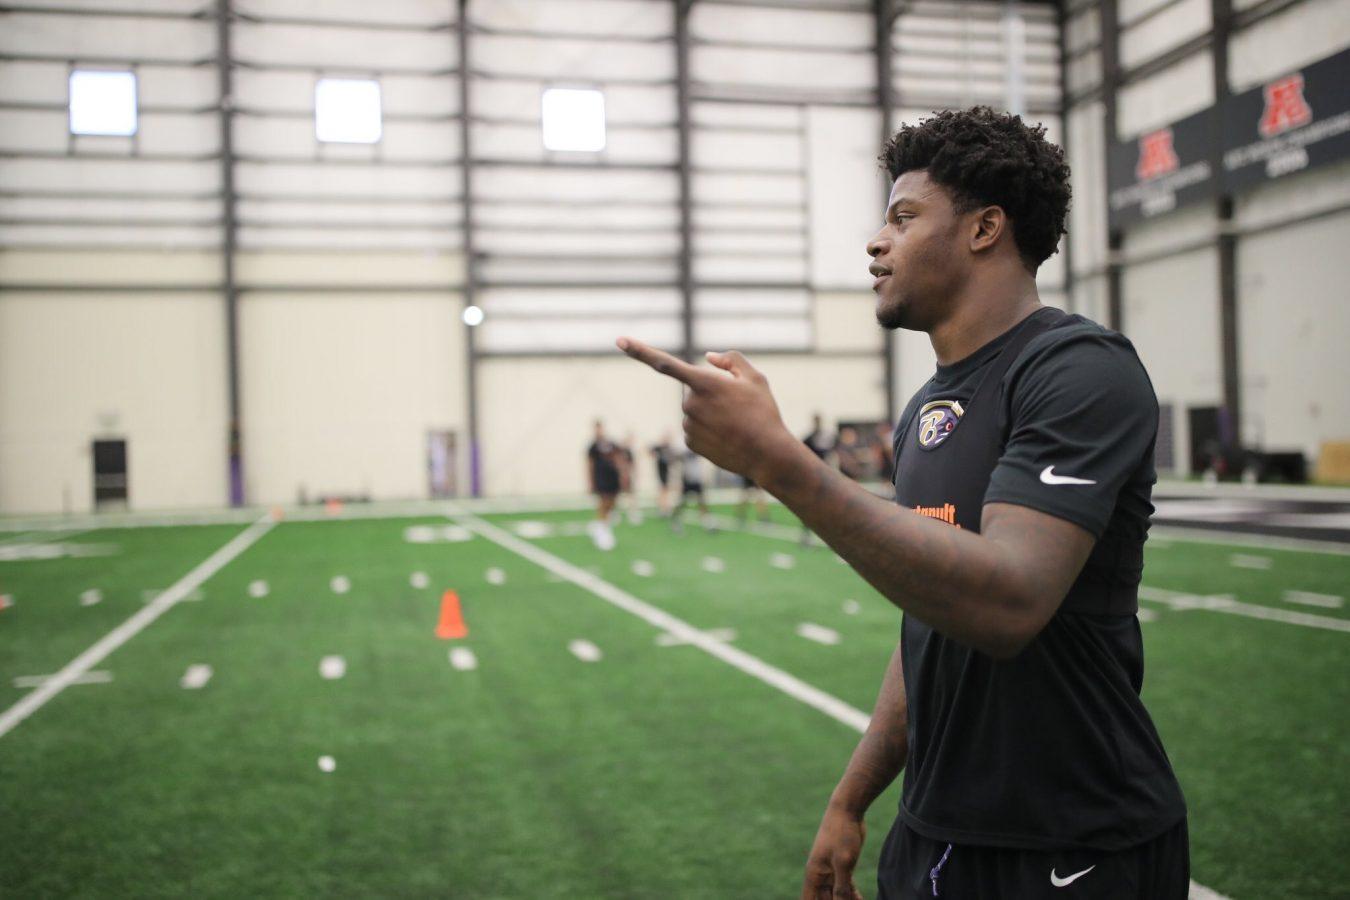 Lamar Jackson lanzando un balón